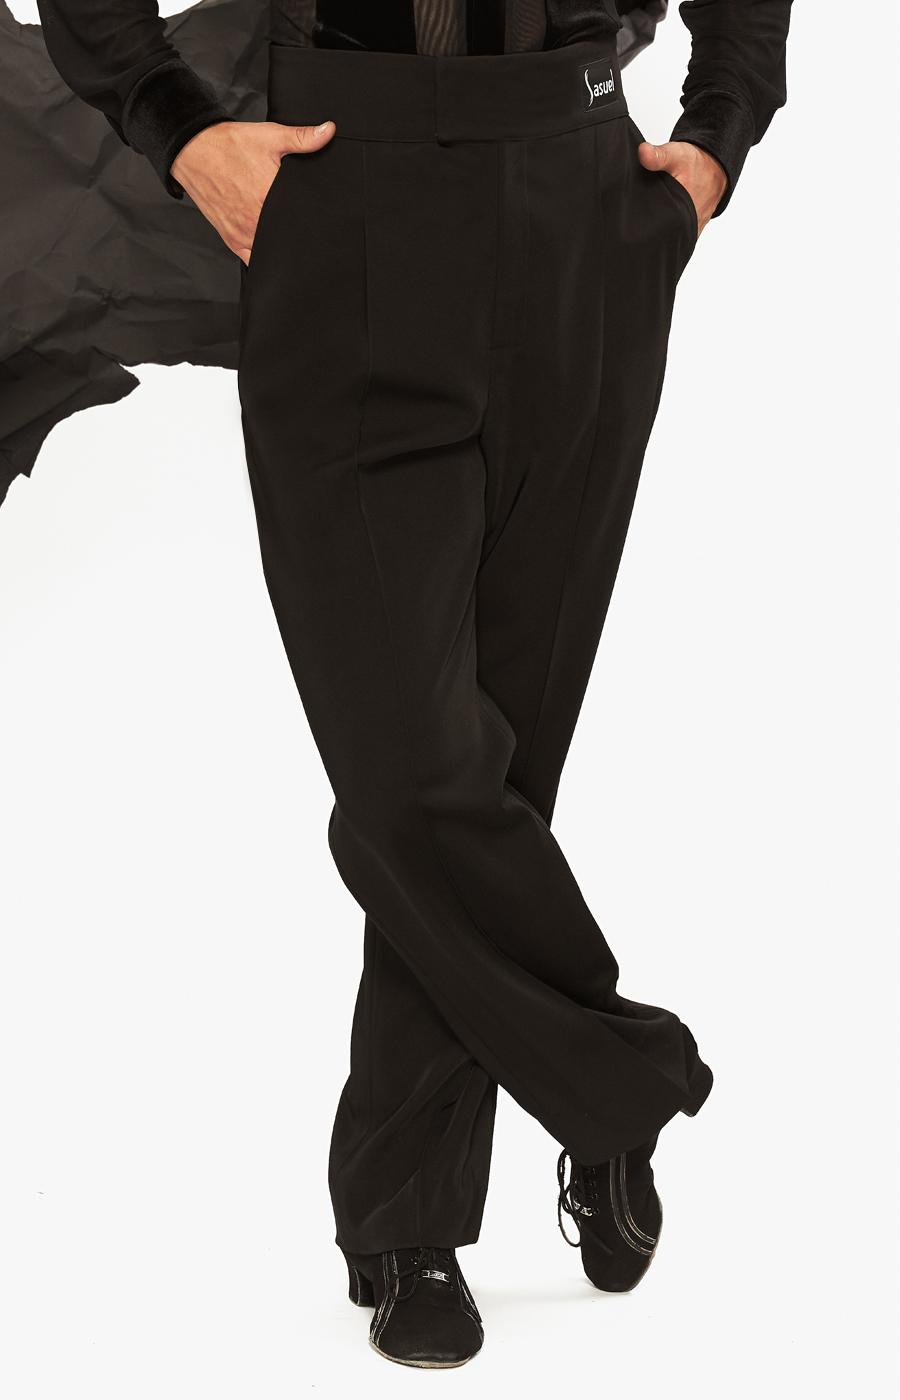 Men's latin trouser V shaped waistband